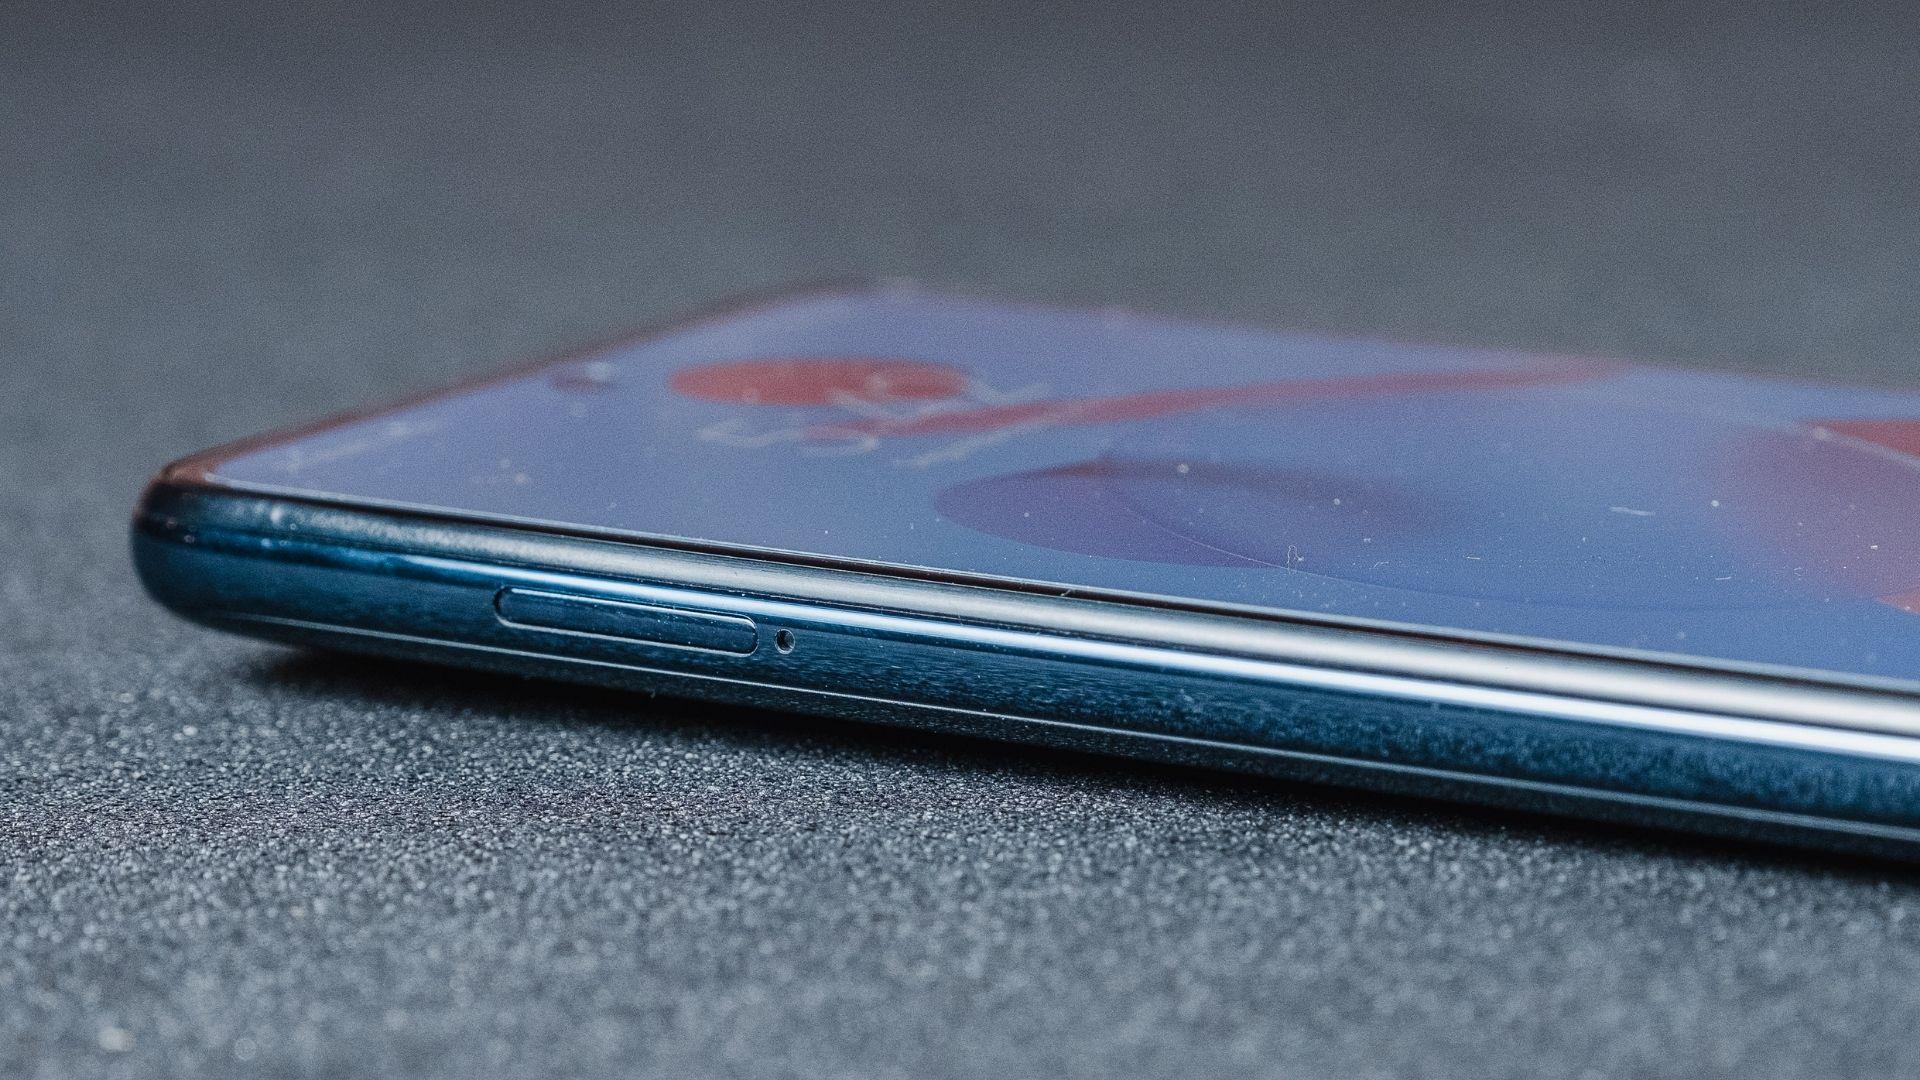 Detalhe da lateral esquerda do Poco X3 NFC (Foto: Zoom)